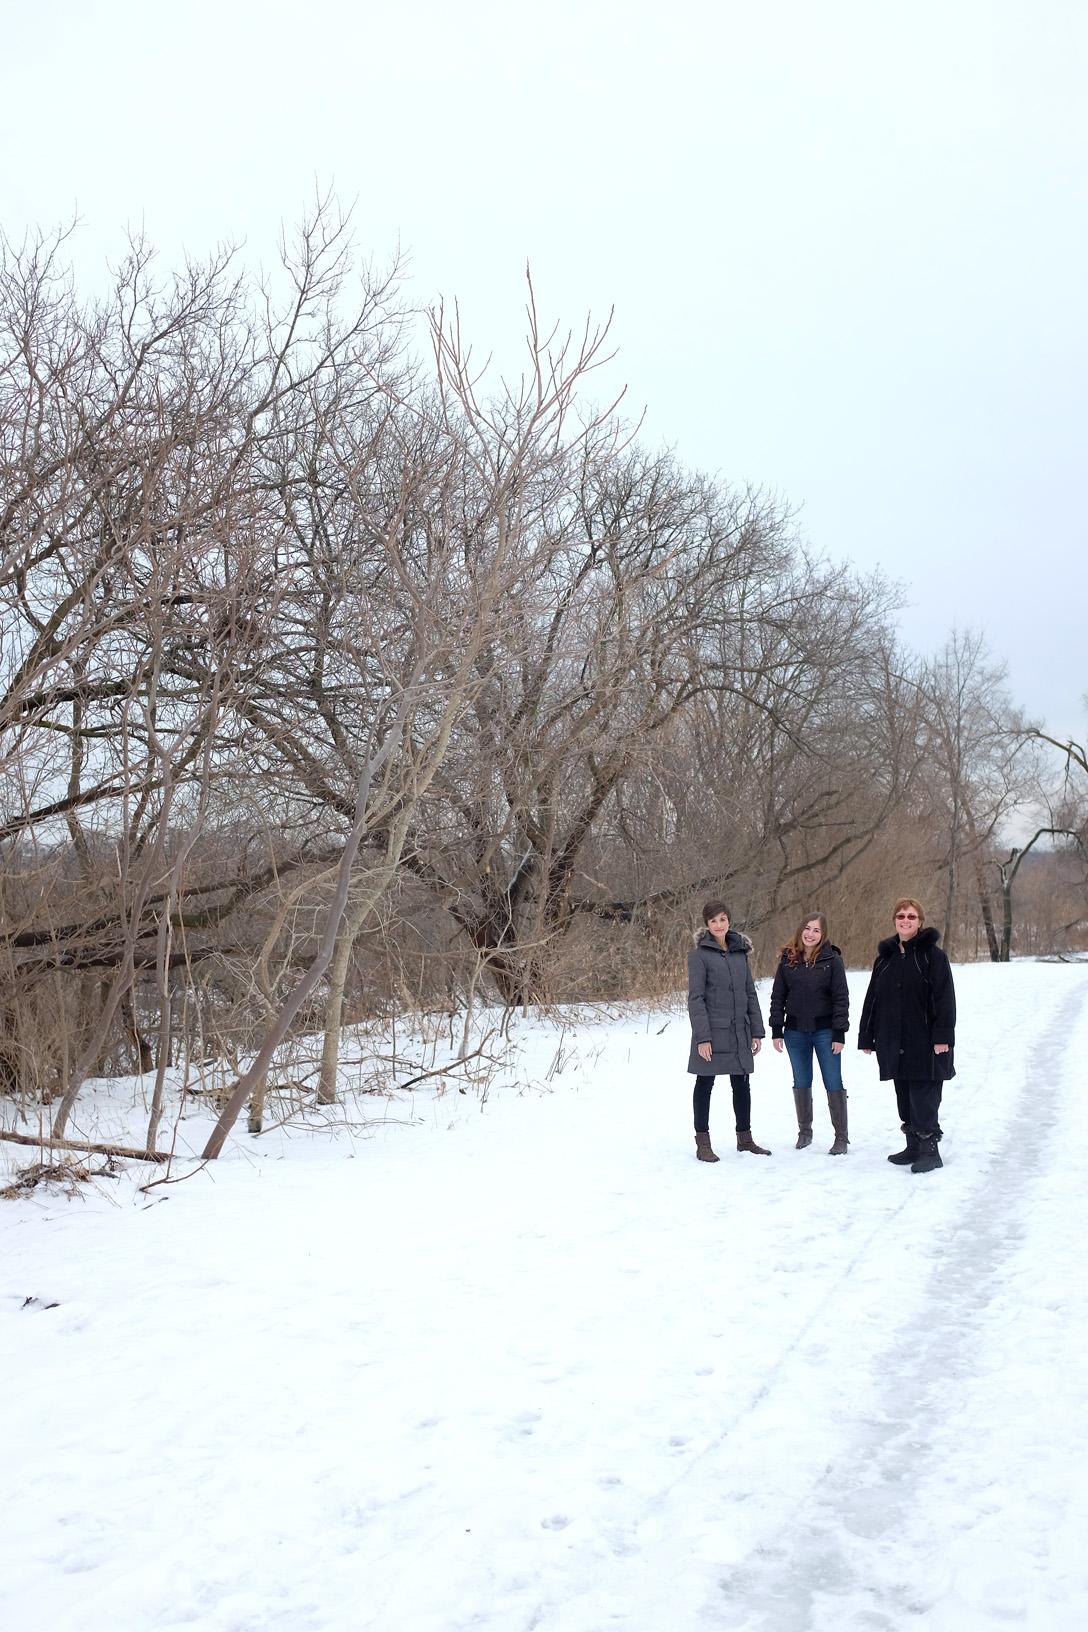 Winter-2013-family photos-100dpi-18.jpg